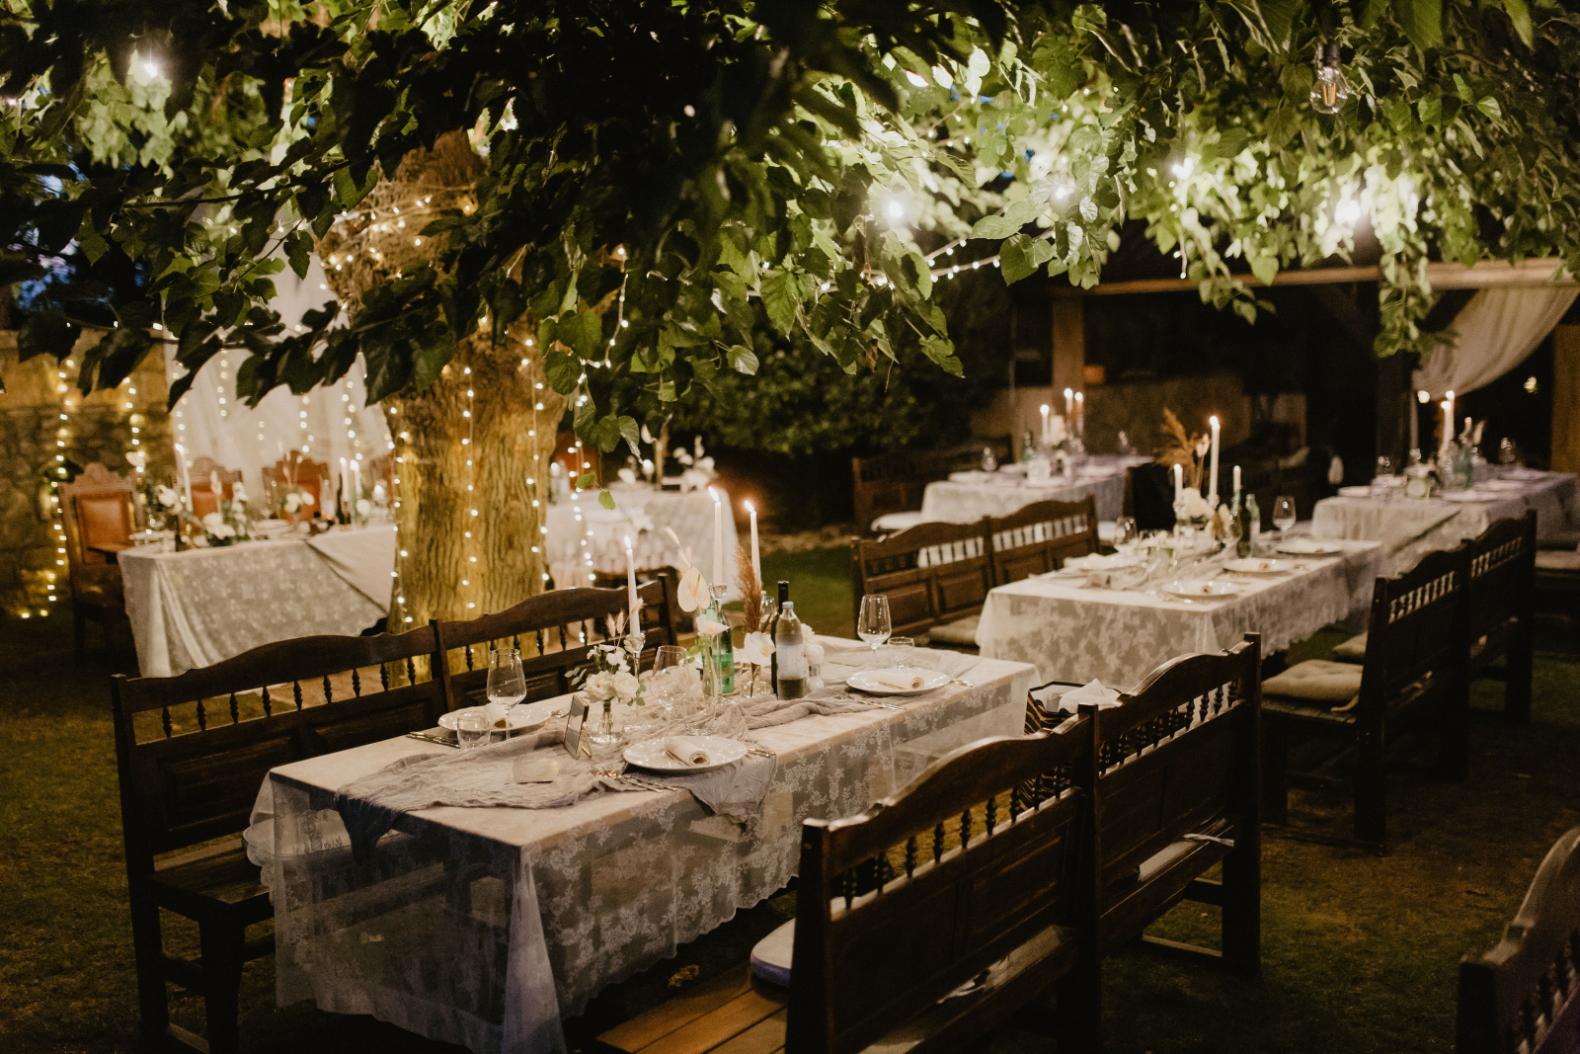 Idilično vjenčanje Roberte Paliske Prodan i Igora Prodana u istarskom gradiću Bale!